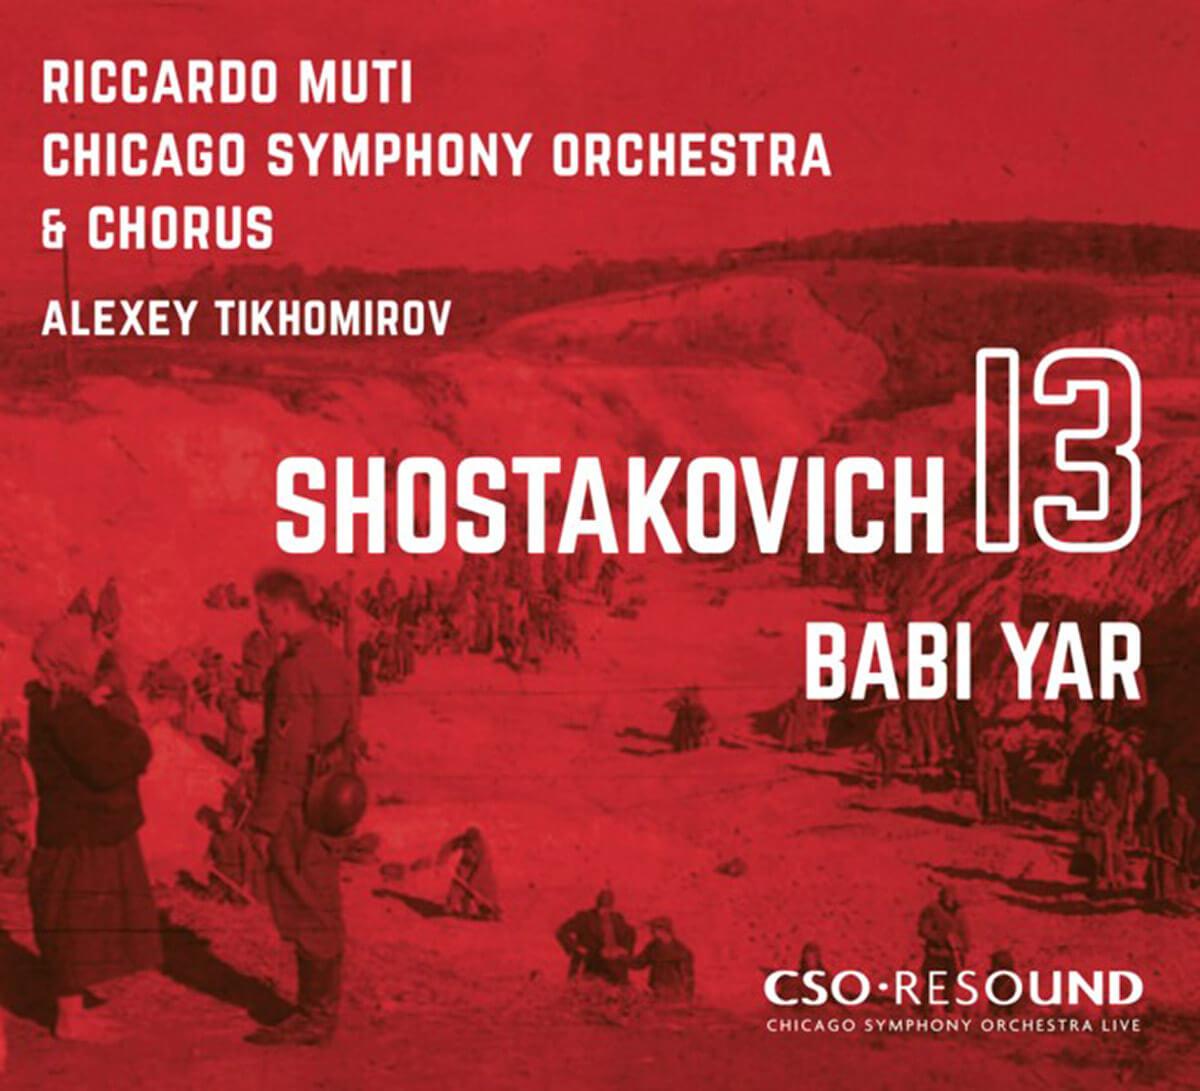 Shostakovich: 13thsymphony 'Babi Yar' (CSO.Resound)